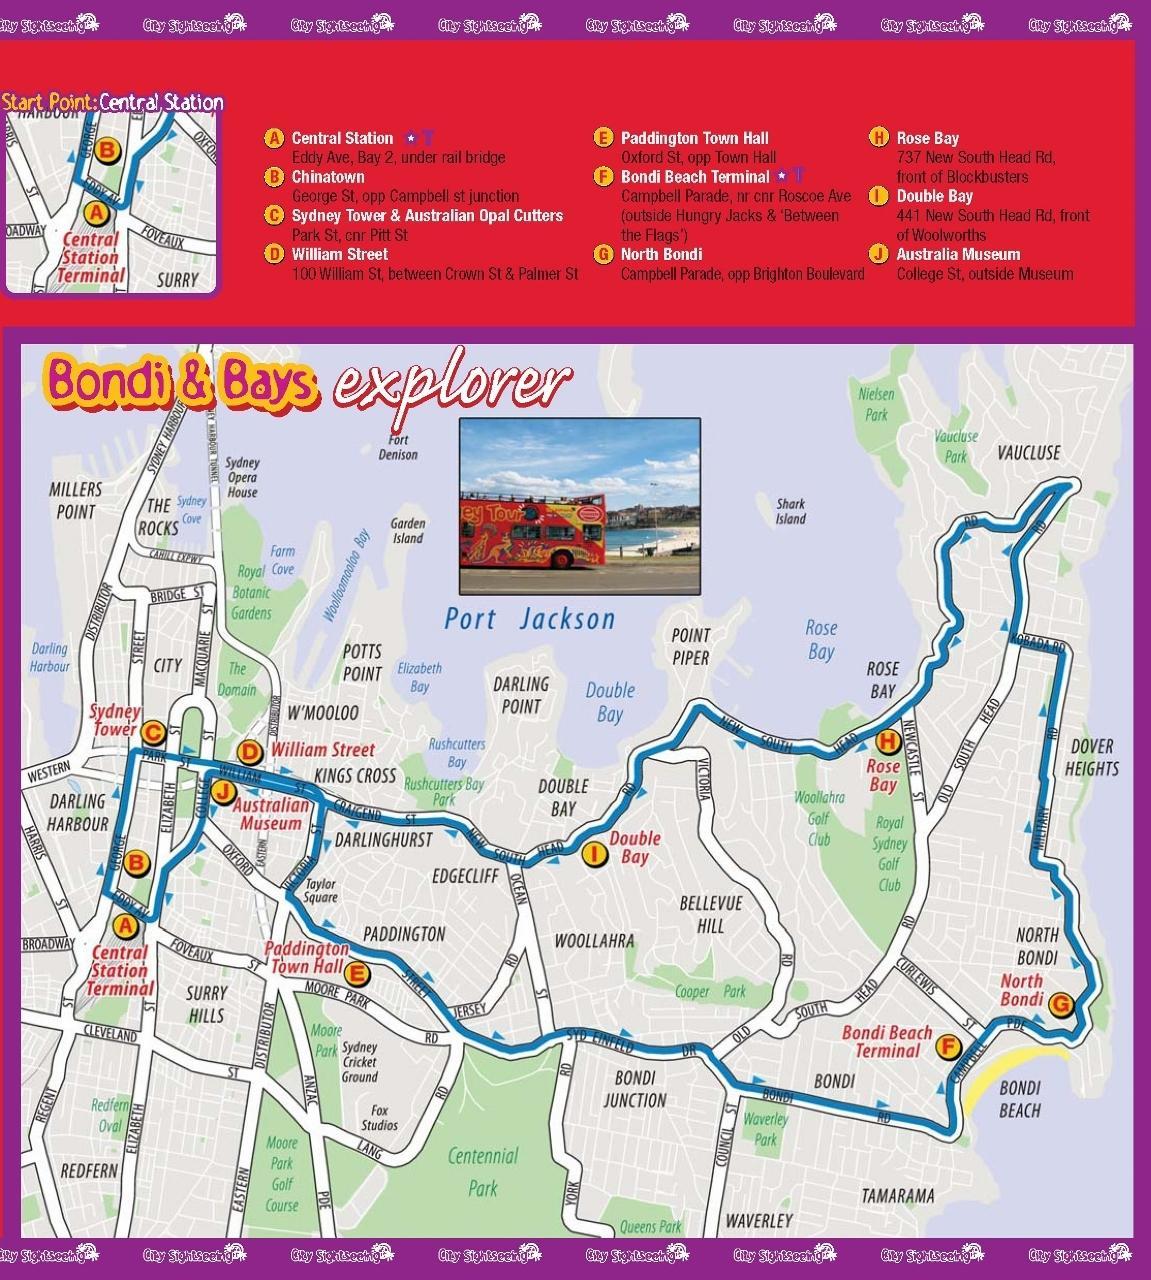 【邦迪海滩地区探索观光巴士路线图】